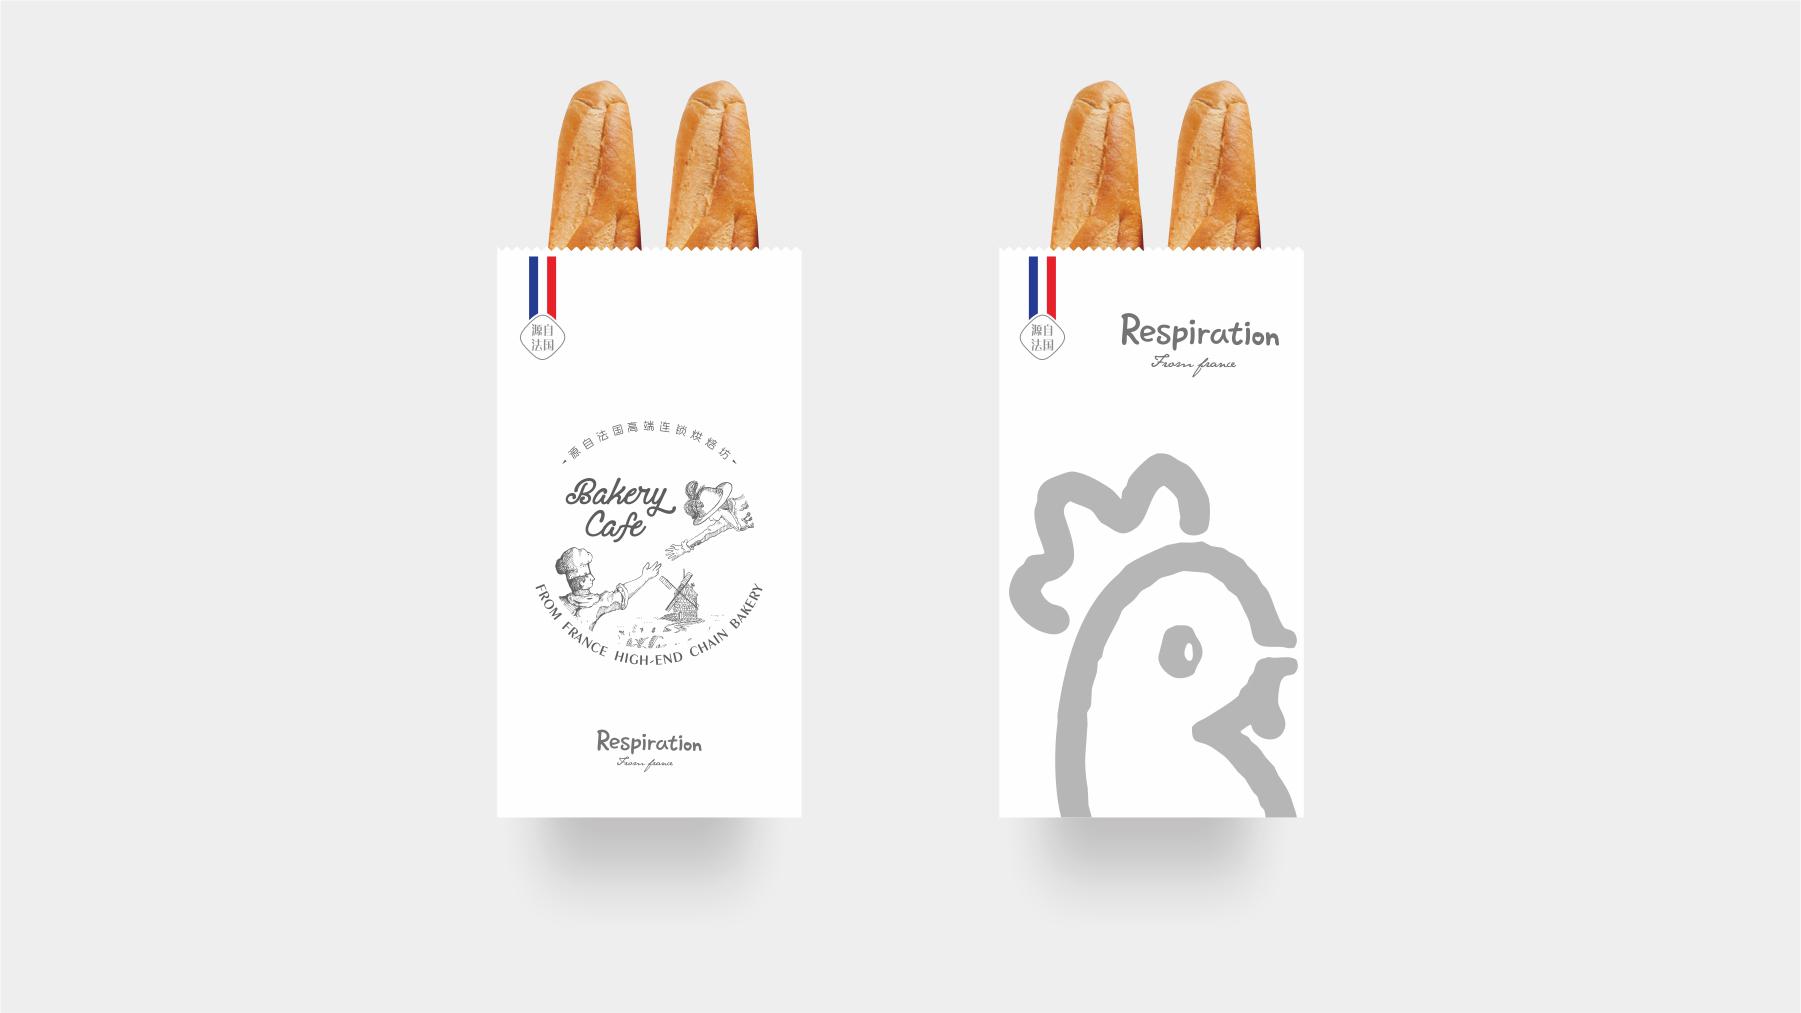 我们采用法国图腾高卢鸡的形象,代表产品的新鲜美味,清晰,可爱,易于